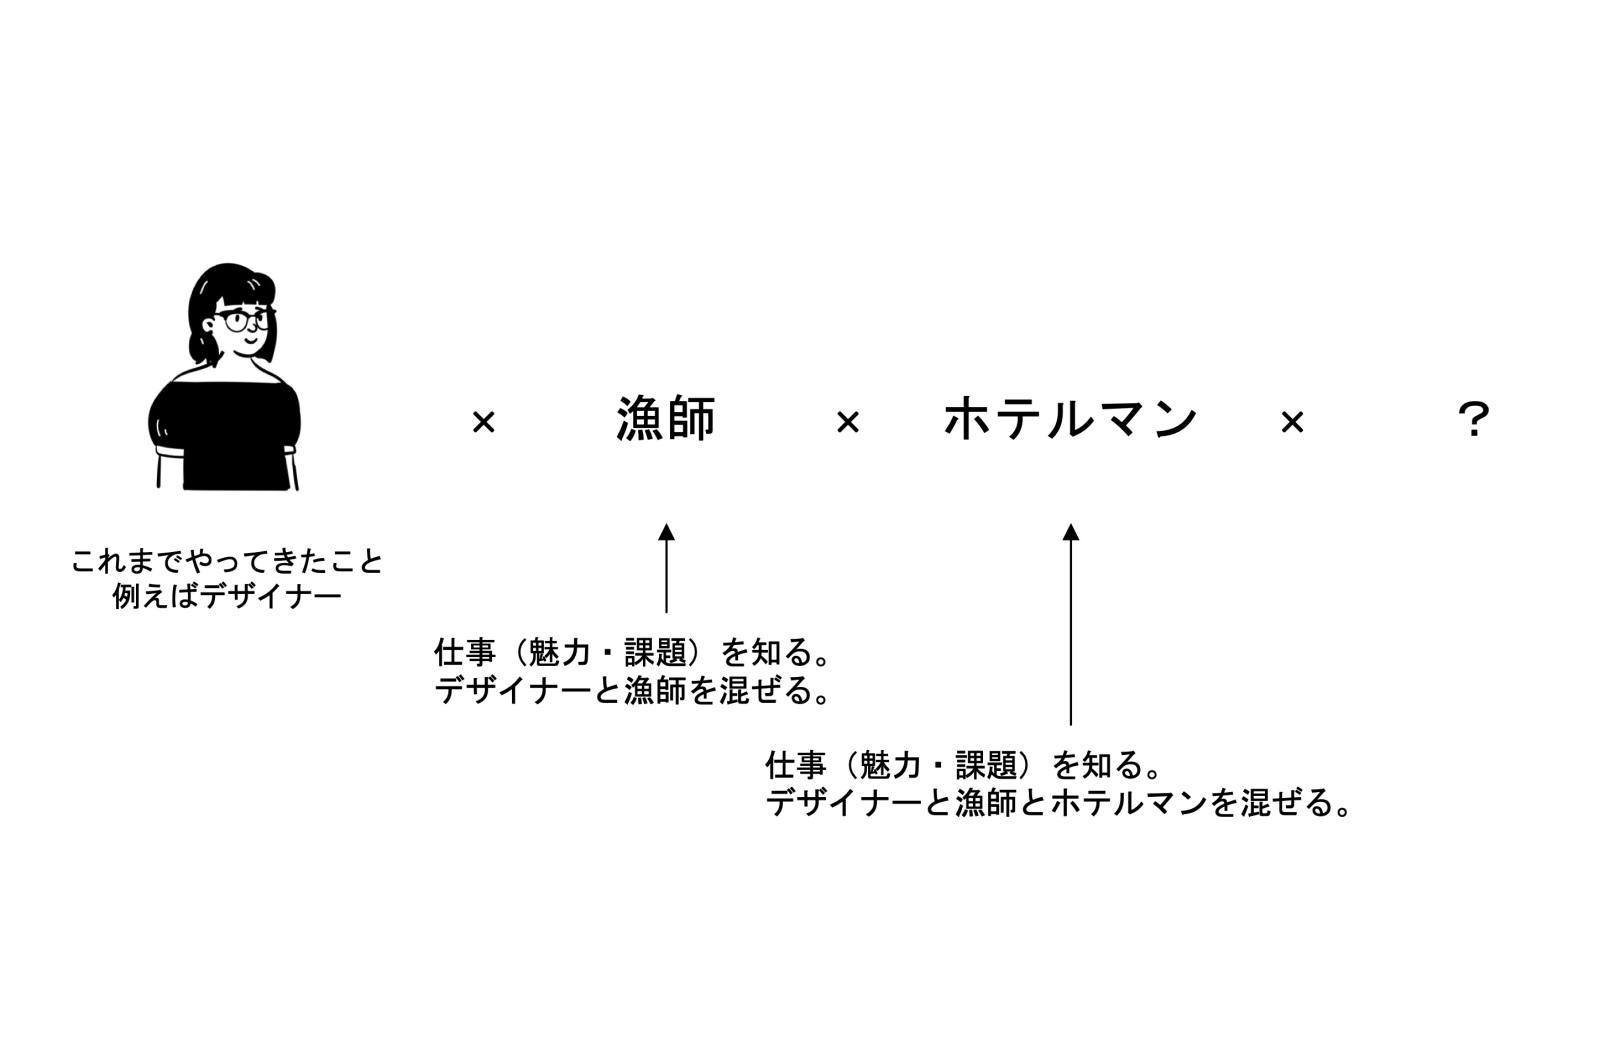 マルチワーカーから生まれる新しい働き方の可能性(太田さん作成)。自分の興味や得意なことと、これまでしたことがなかったことが組み合わさることで何かが生まれる。